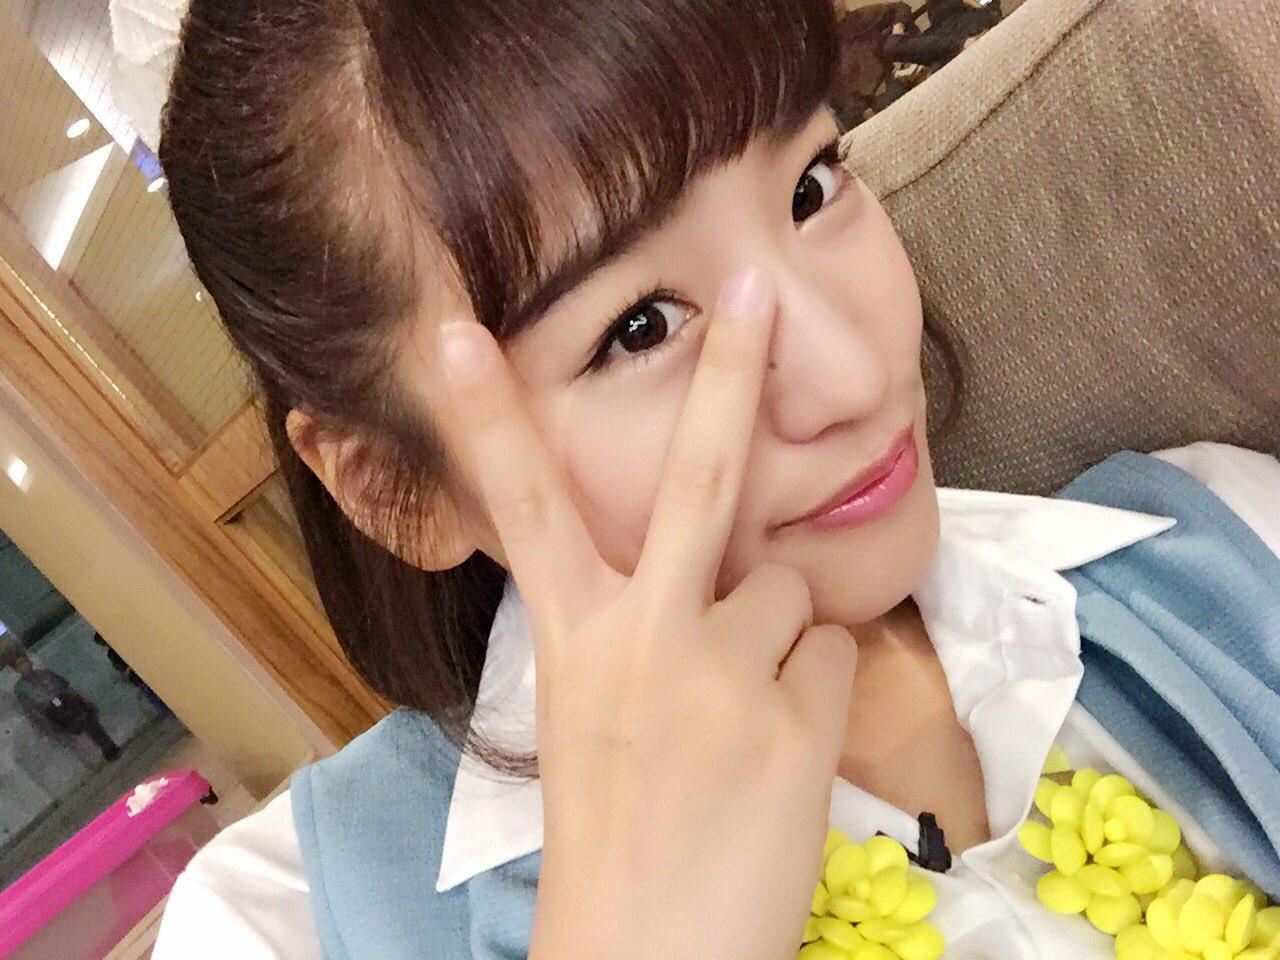 """Haruka Nakagawa: Haruka Nakagawa 仲川遥香 On Twitter: """"Halo ;) Nanti Ketemu"""